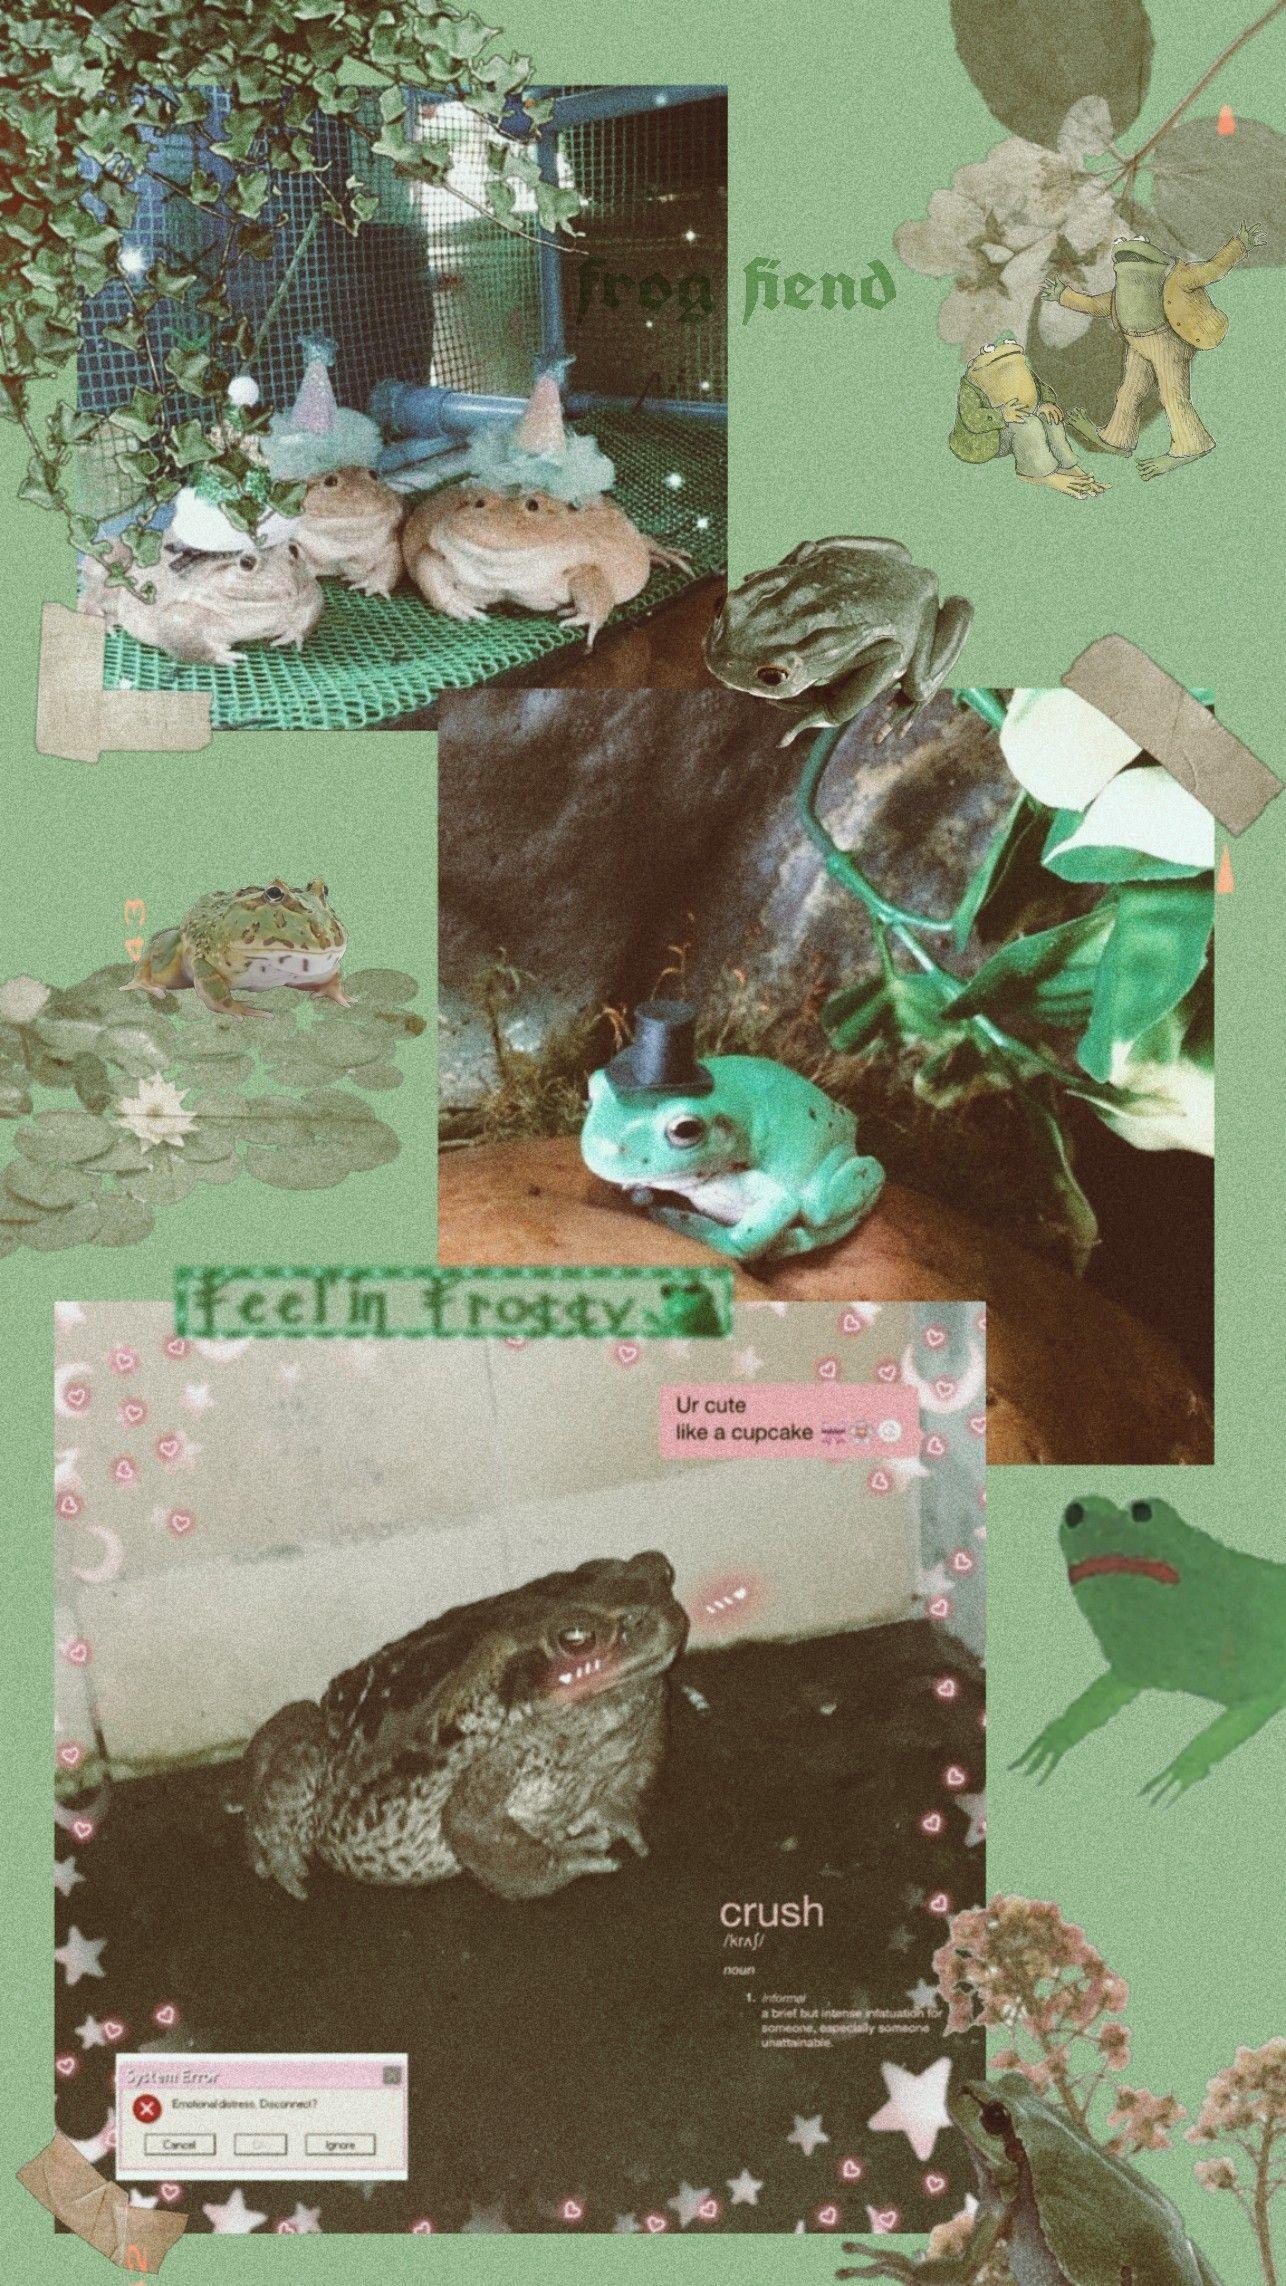 Frog Wallpaper Frog Wallpaper Frog Pictures Frog Art Cute aesthetic sticker indie kid filter hot pink laptop wallpaper. frog wallpaper frog pictures frog art